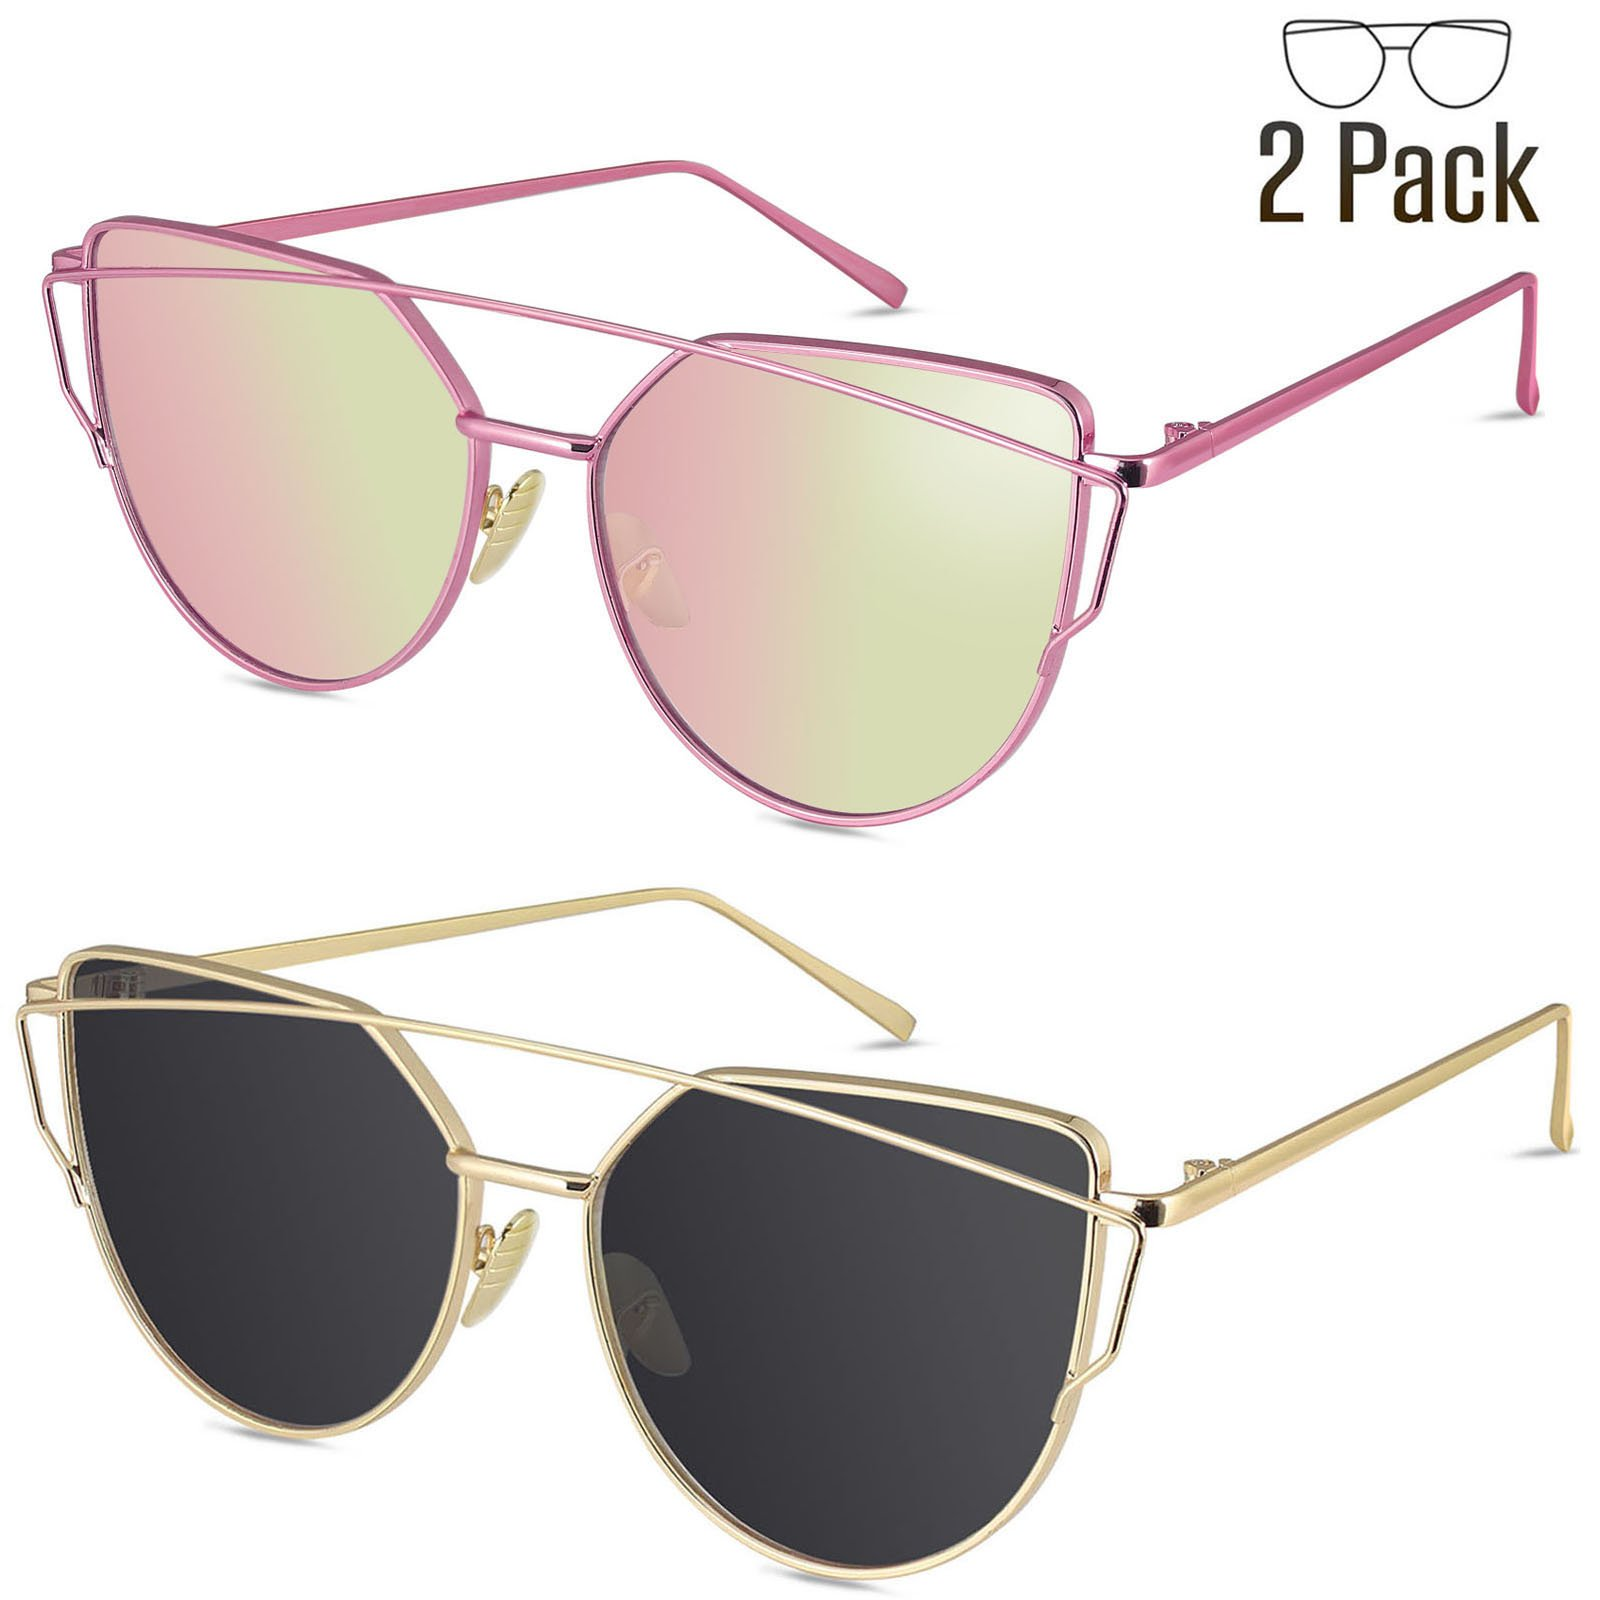 Livhò Sunglasses for Women, 2 Pack Cat Eye Mirrored Flat Lenses Metal Frame Sunglasses UV400 (Gold Gray + Light Pink)